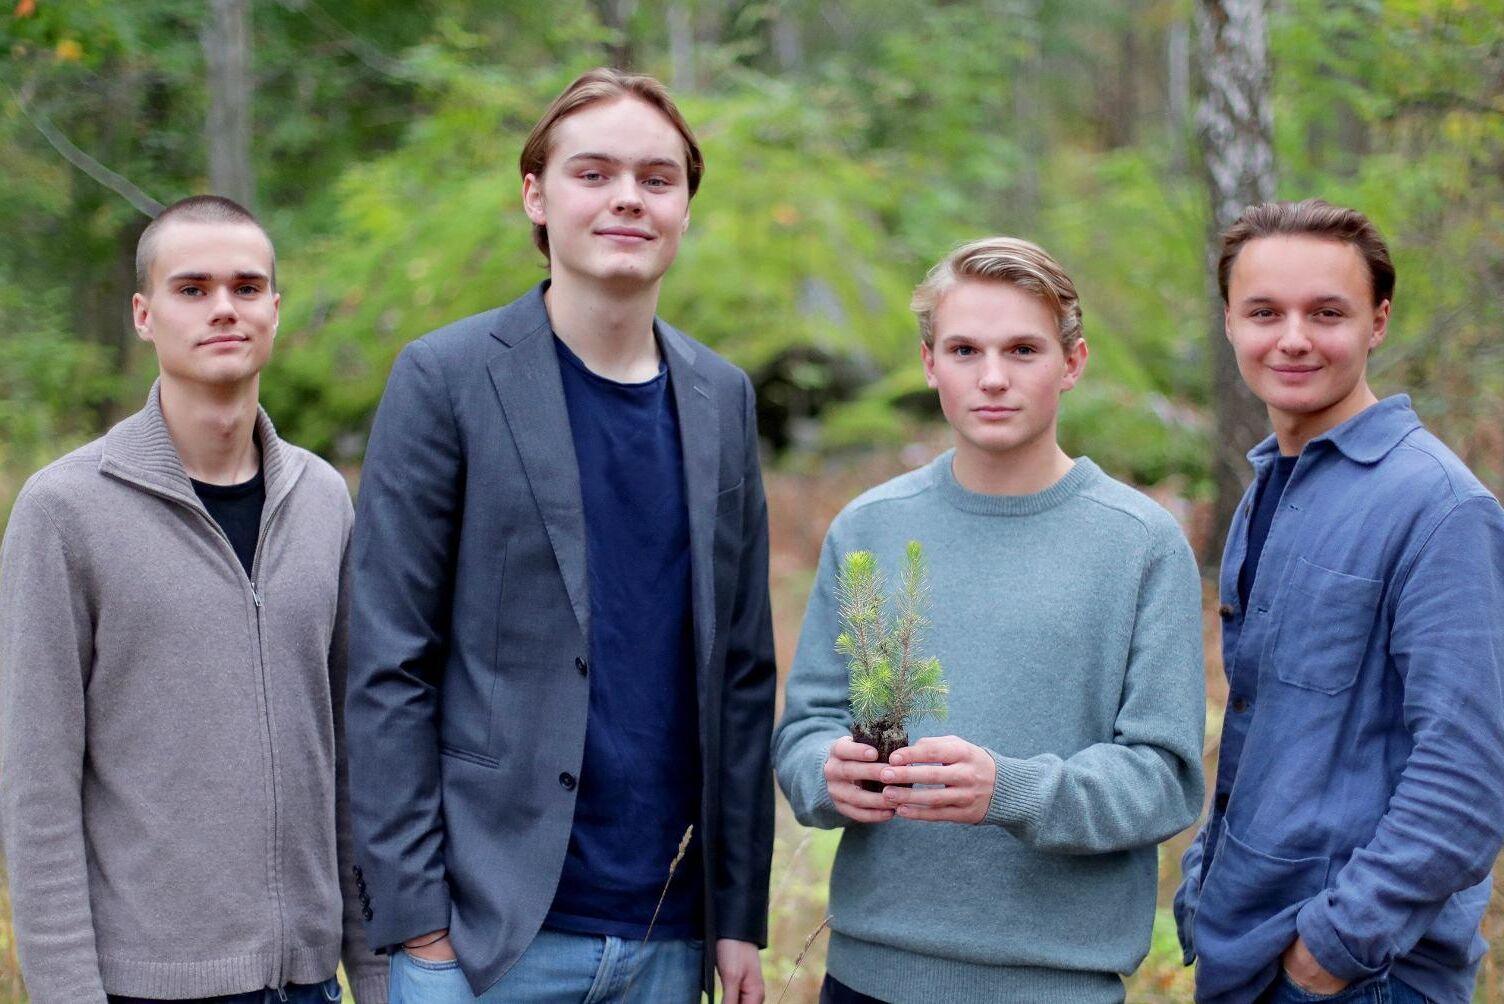 Från vänster till höger: Ludvig Ternberg, Fredrik Ramel, Carl Båge, Andreas Melander.